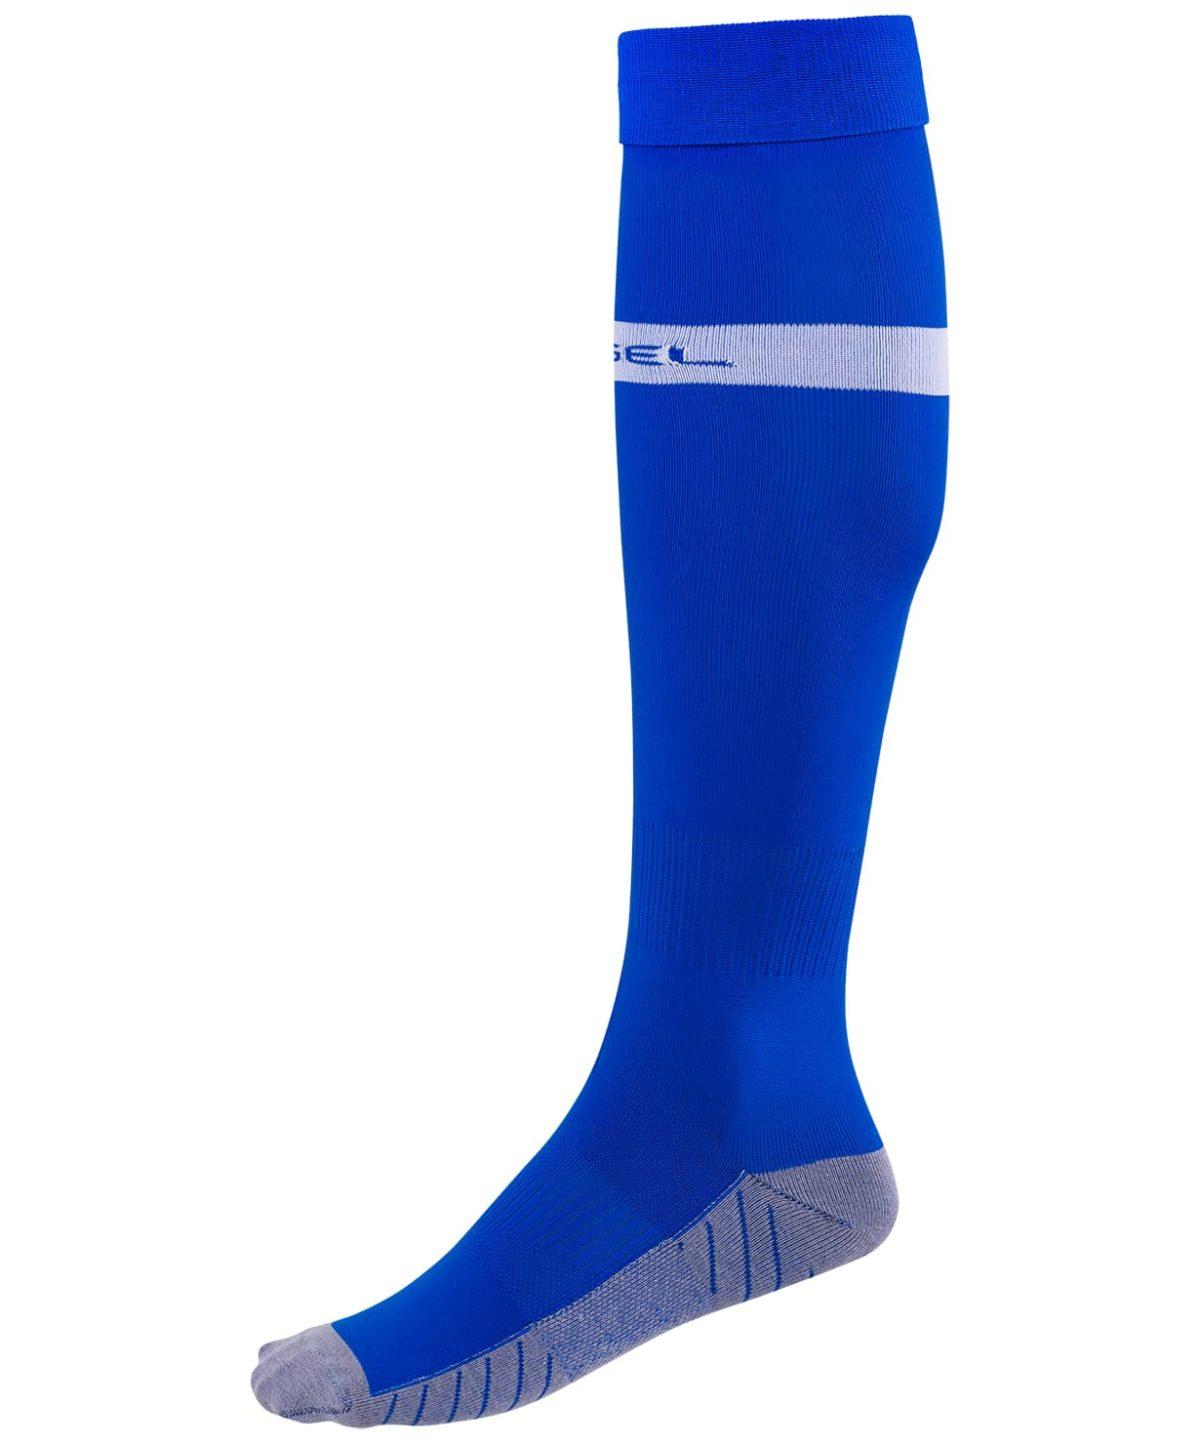 JOGEL Гетры футбольные, синий/белый  JA-003 - 1